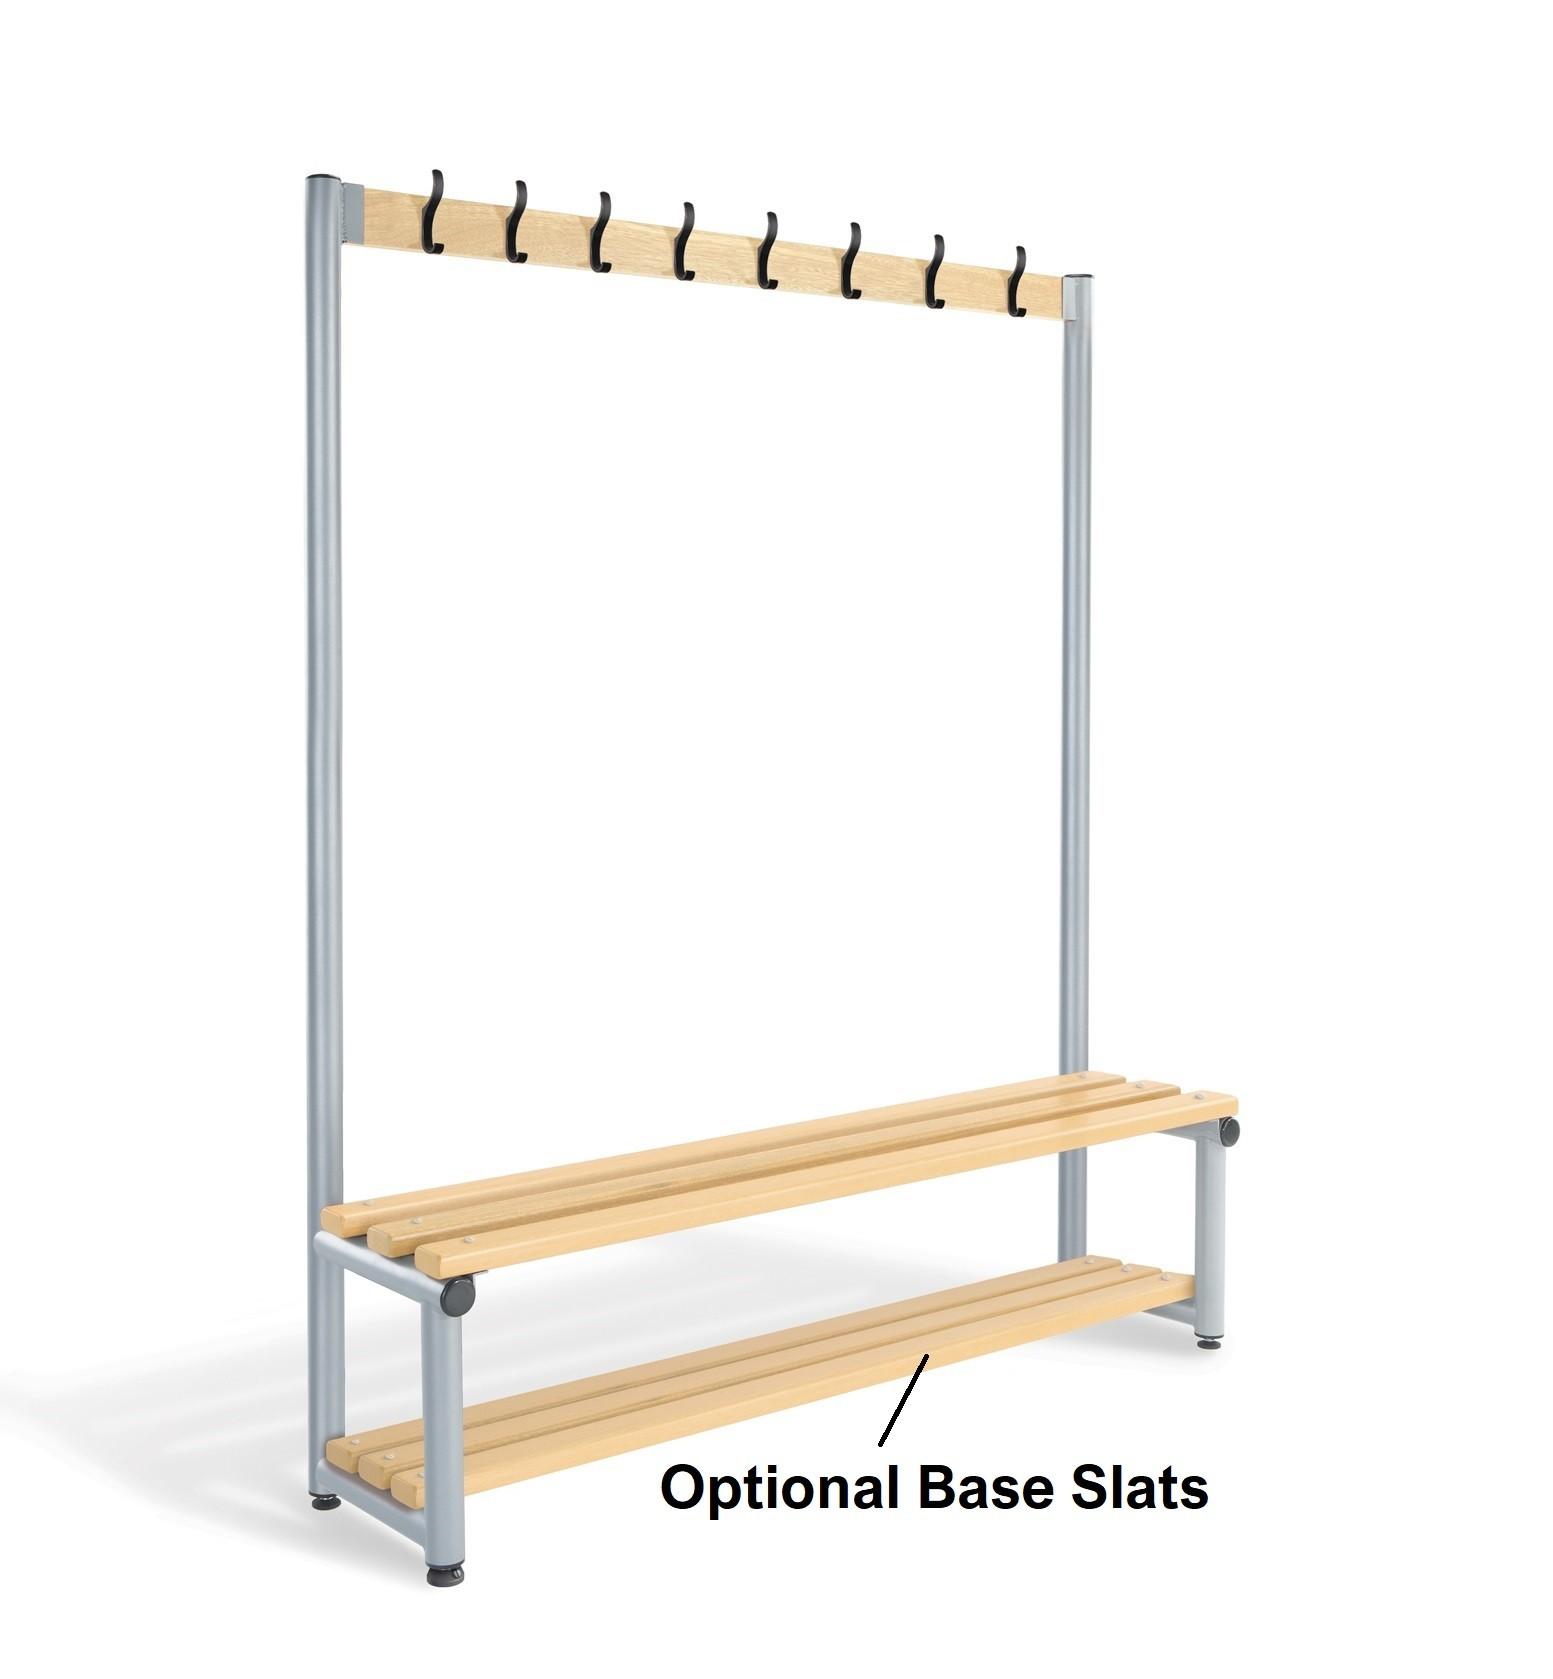 Optional Base Slats